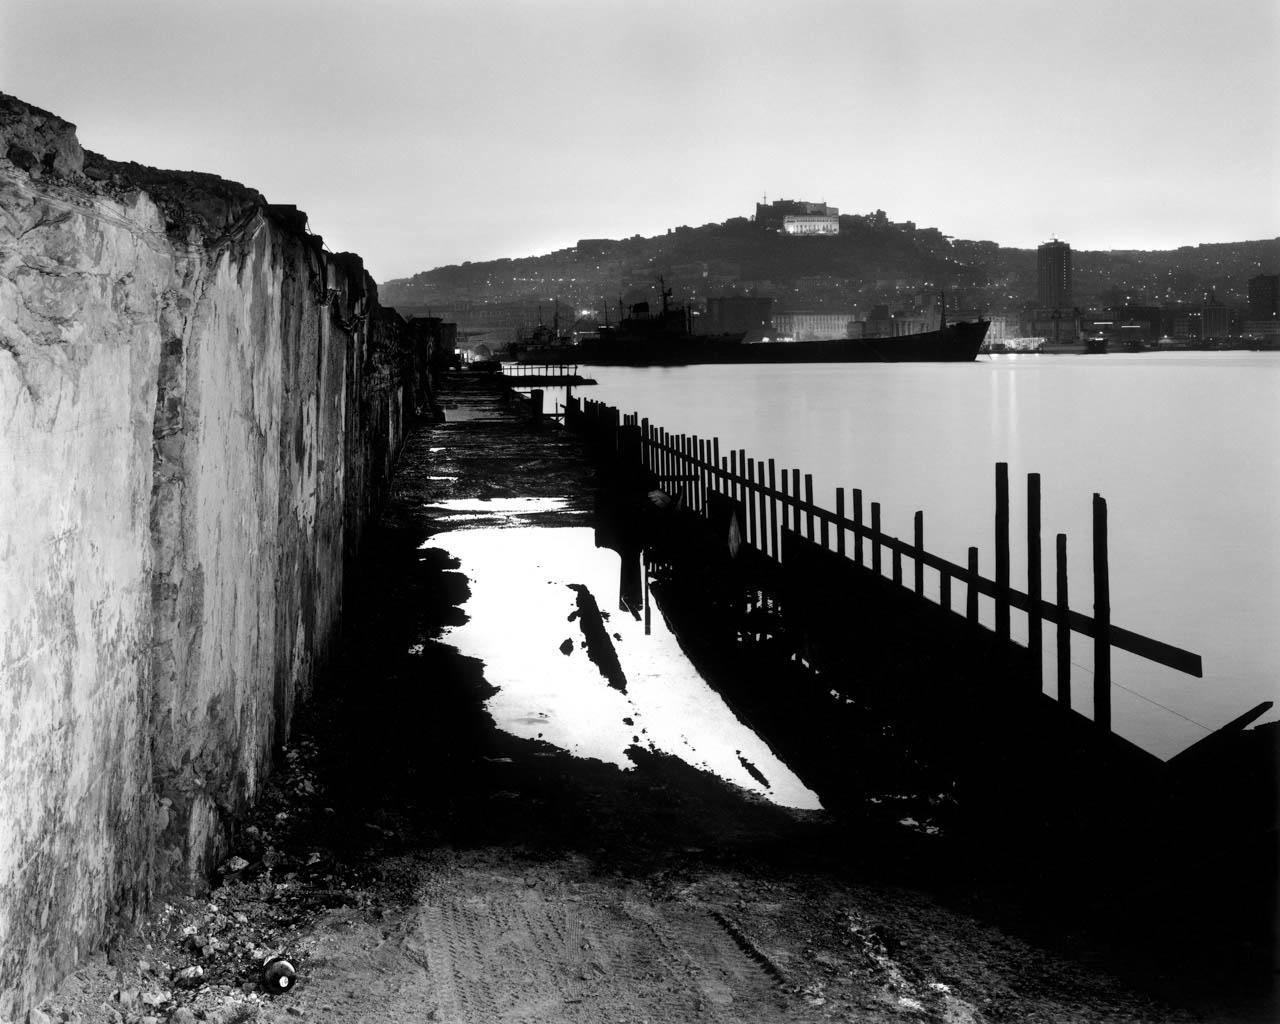 Sul lato della base Nato, porto di Napoli, 2001  Stampa digitale su carta Hahnemuhle, cm 100x120 / cm 120x140 (ed. 6 + 1AP)